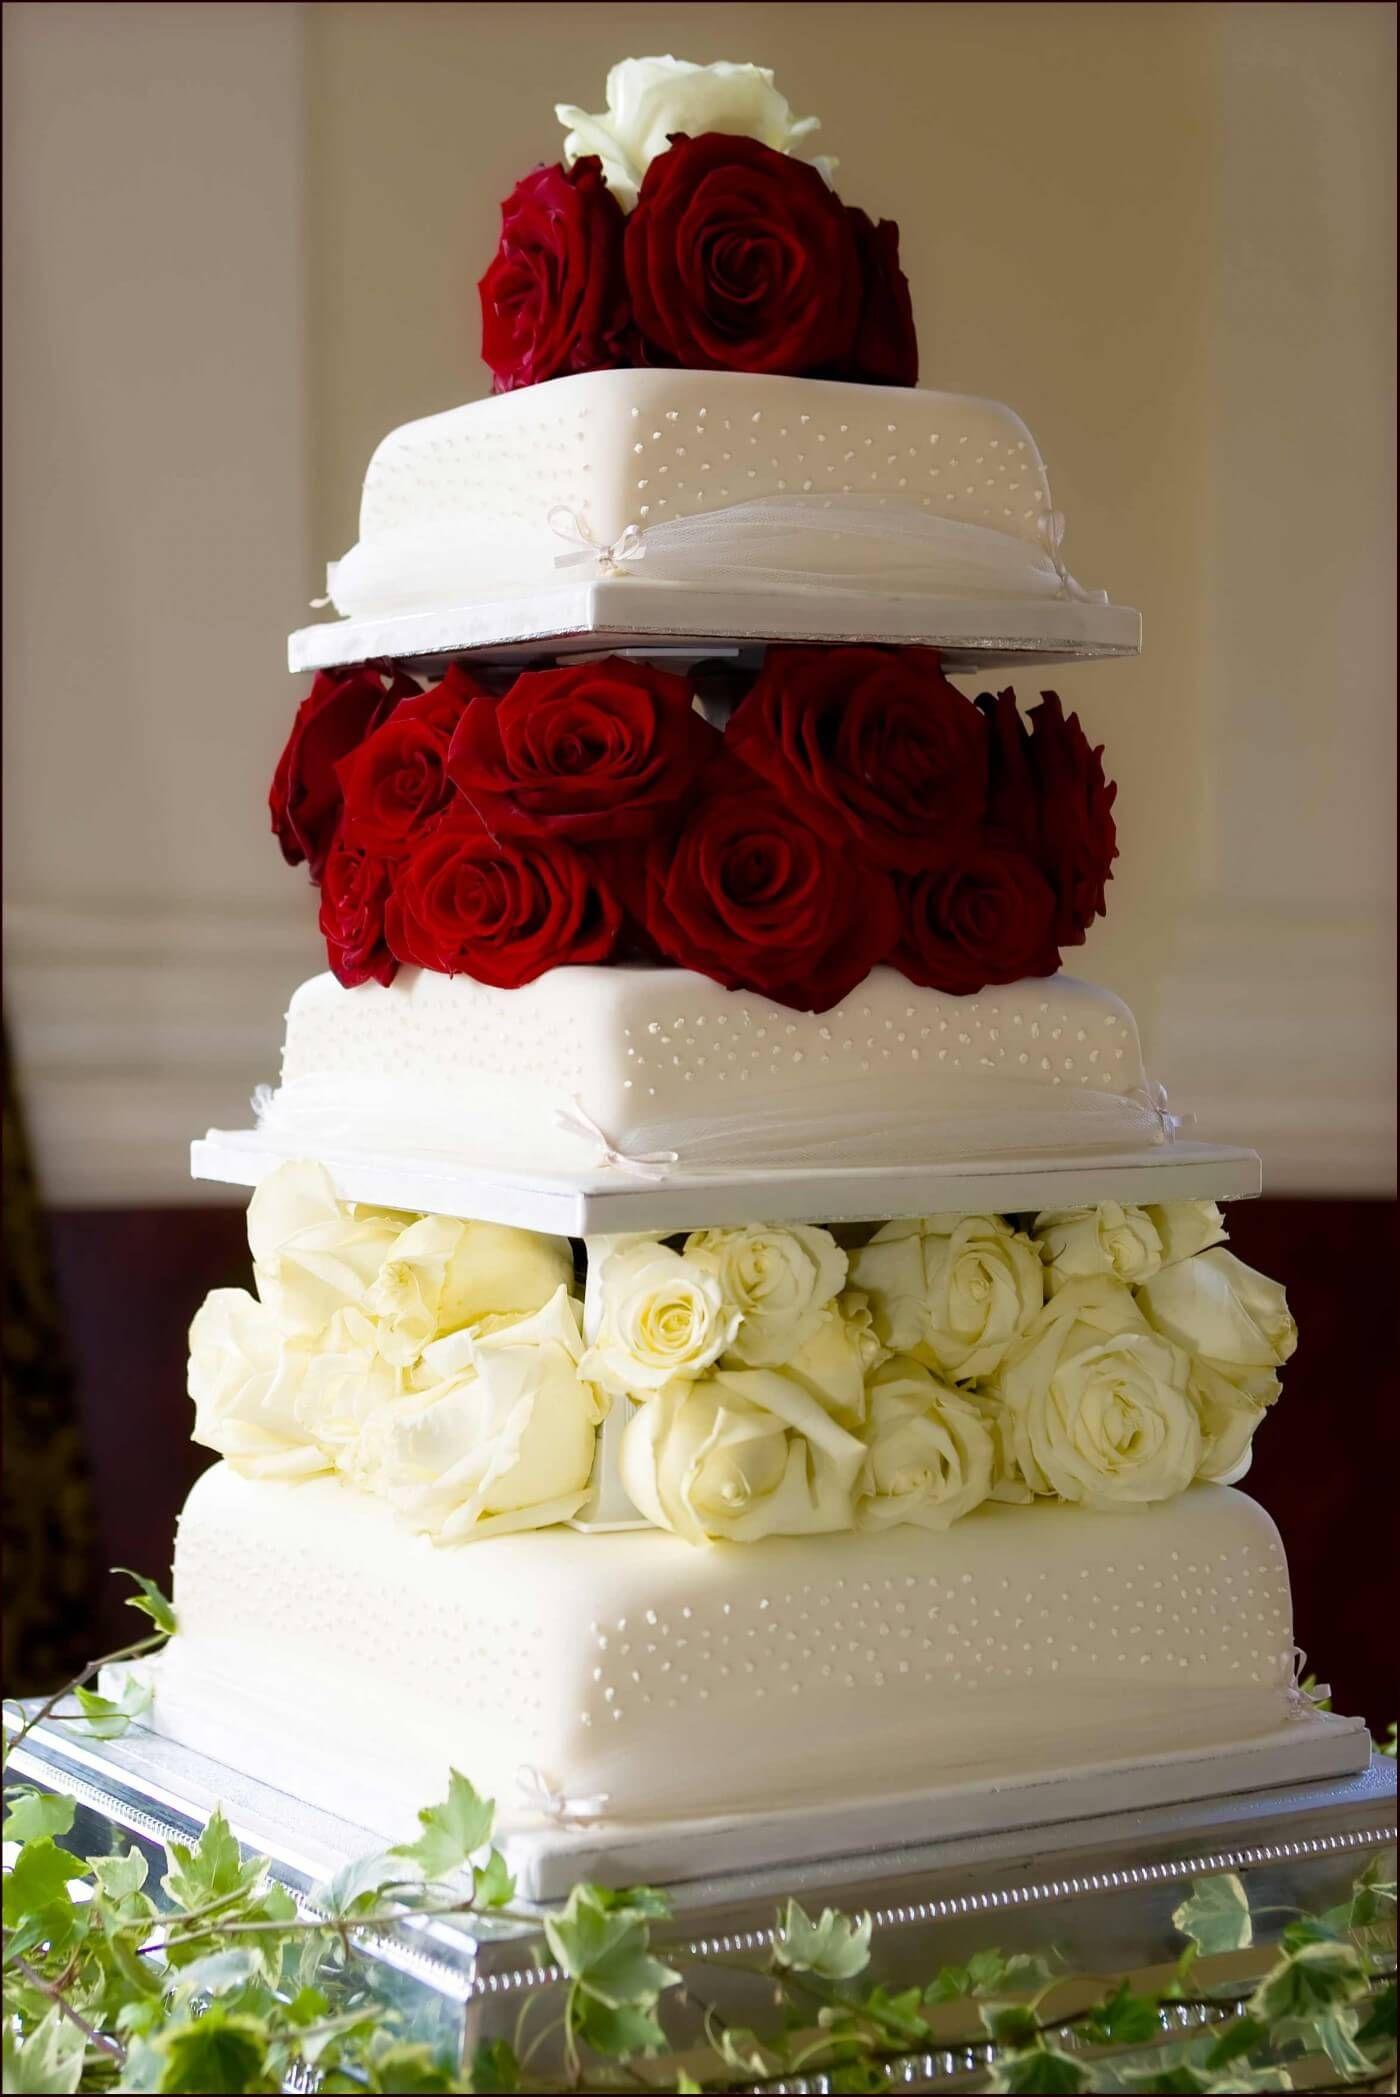 Hochzeitstorte Mit Rosen Bildergalerie Wedding Cakes Pinterest